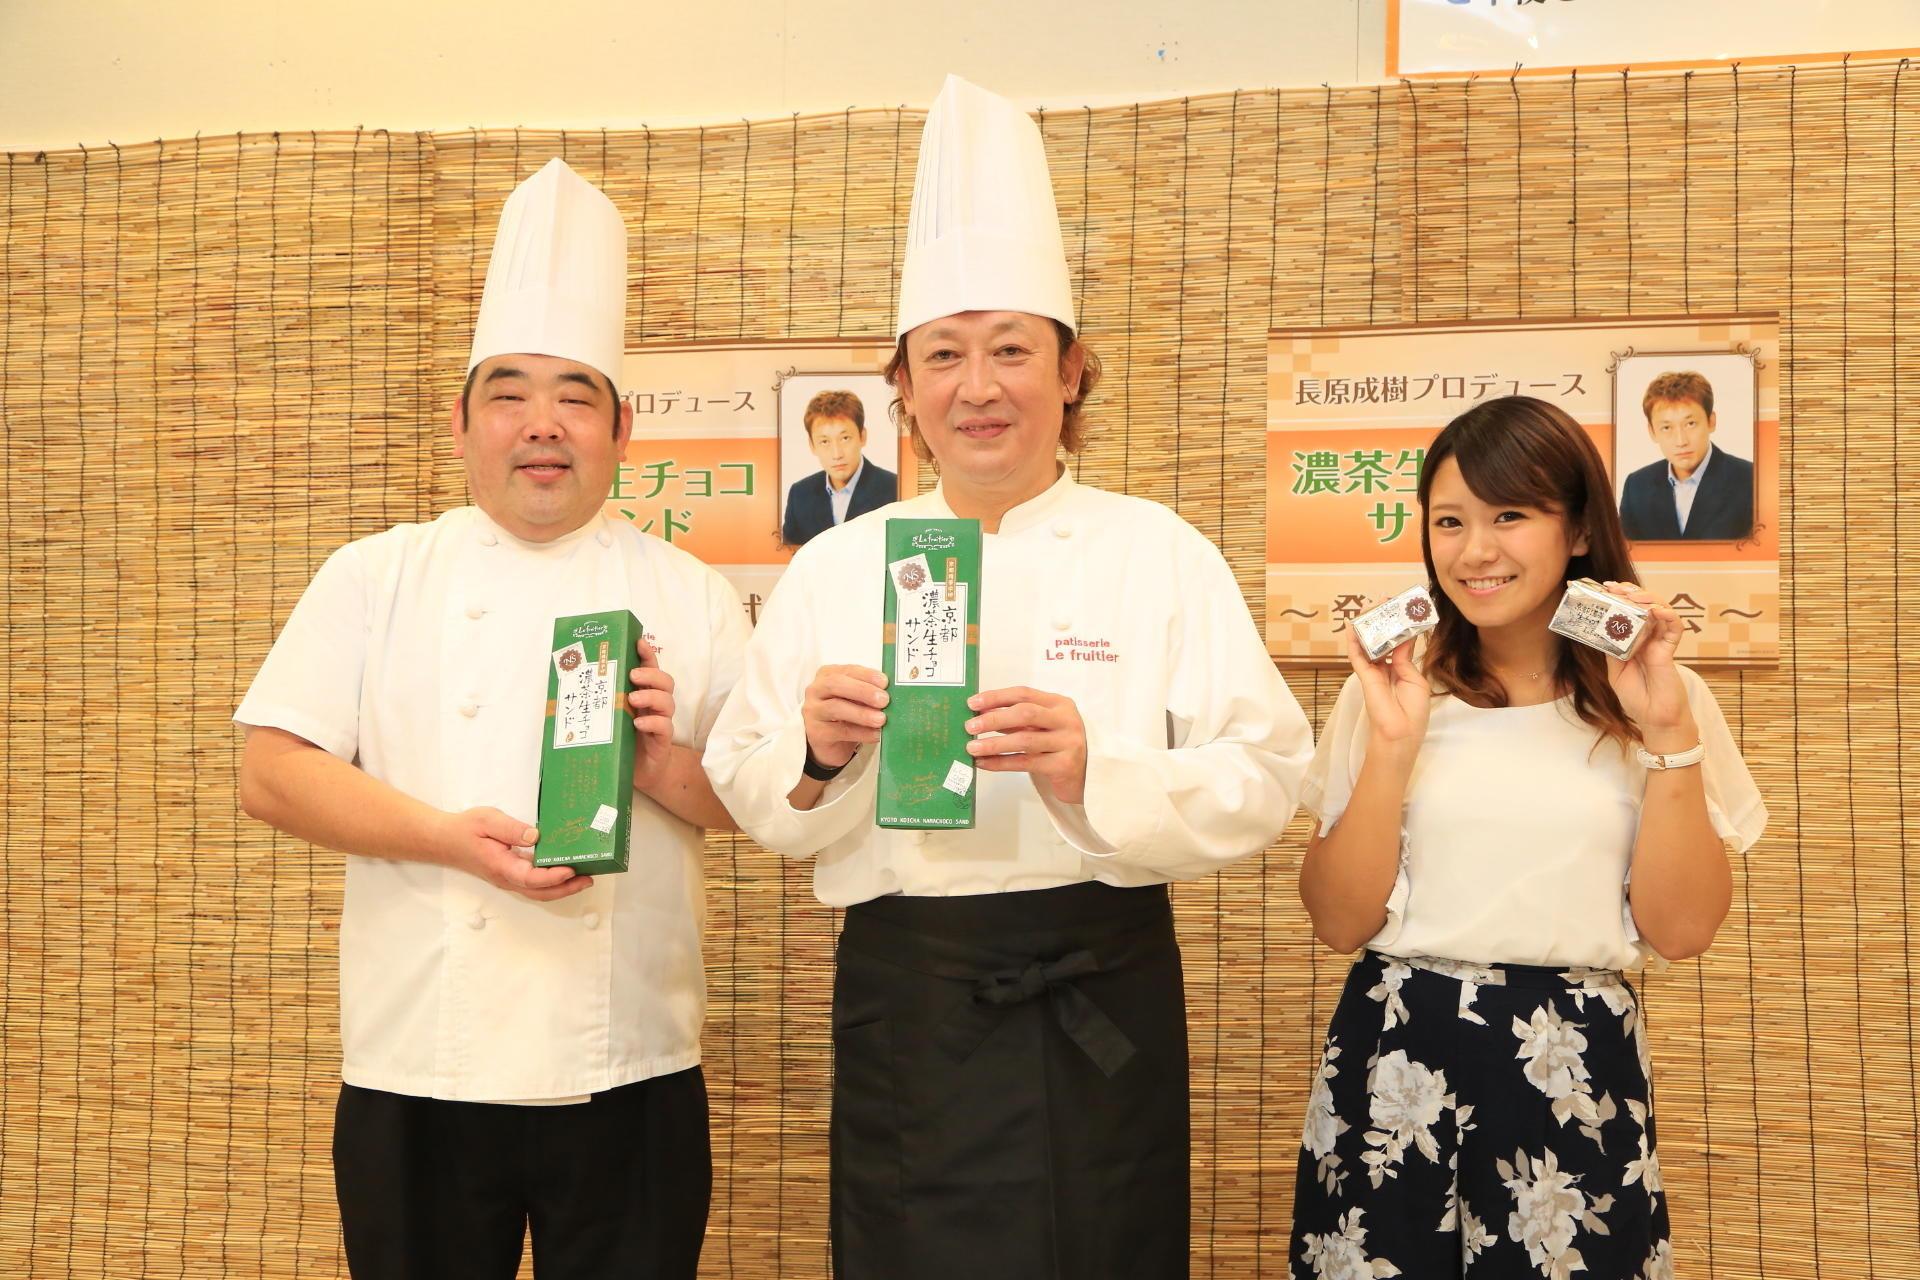 http://news.yoshimoto.co.jp/20170815162607-d743d3d7f267df755e606b199626d98062a243df.jpg